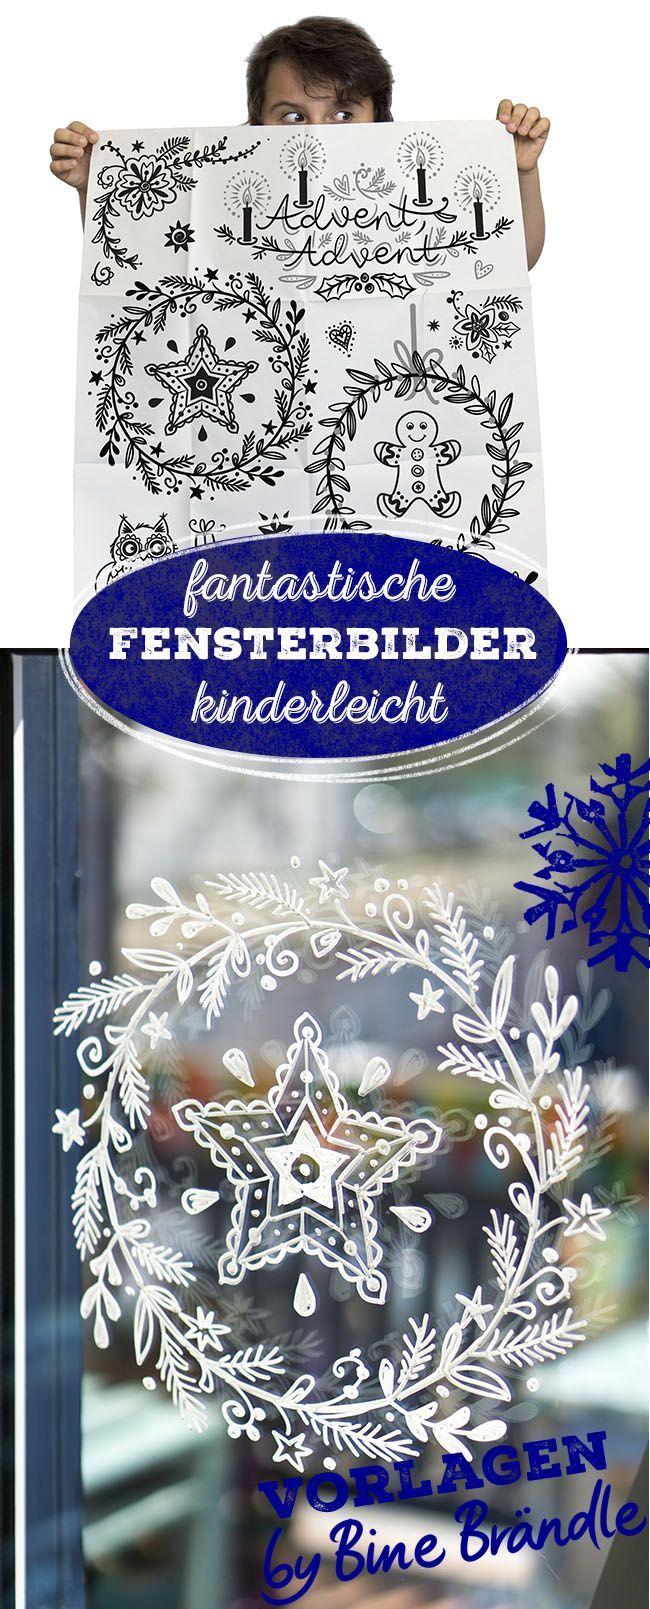 weihnachten motive Vorlagen von Bine Brndle fr fantastische Fensterbilder. So is…